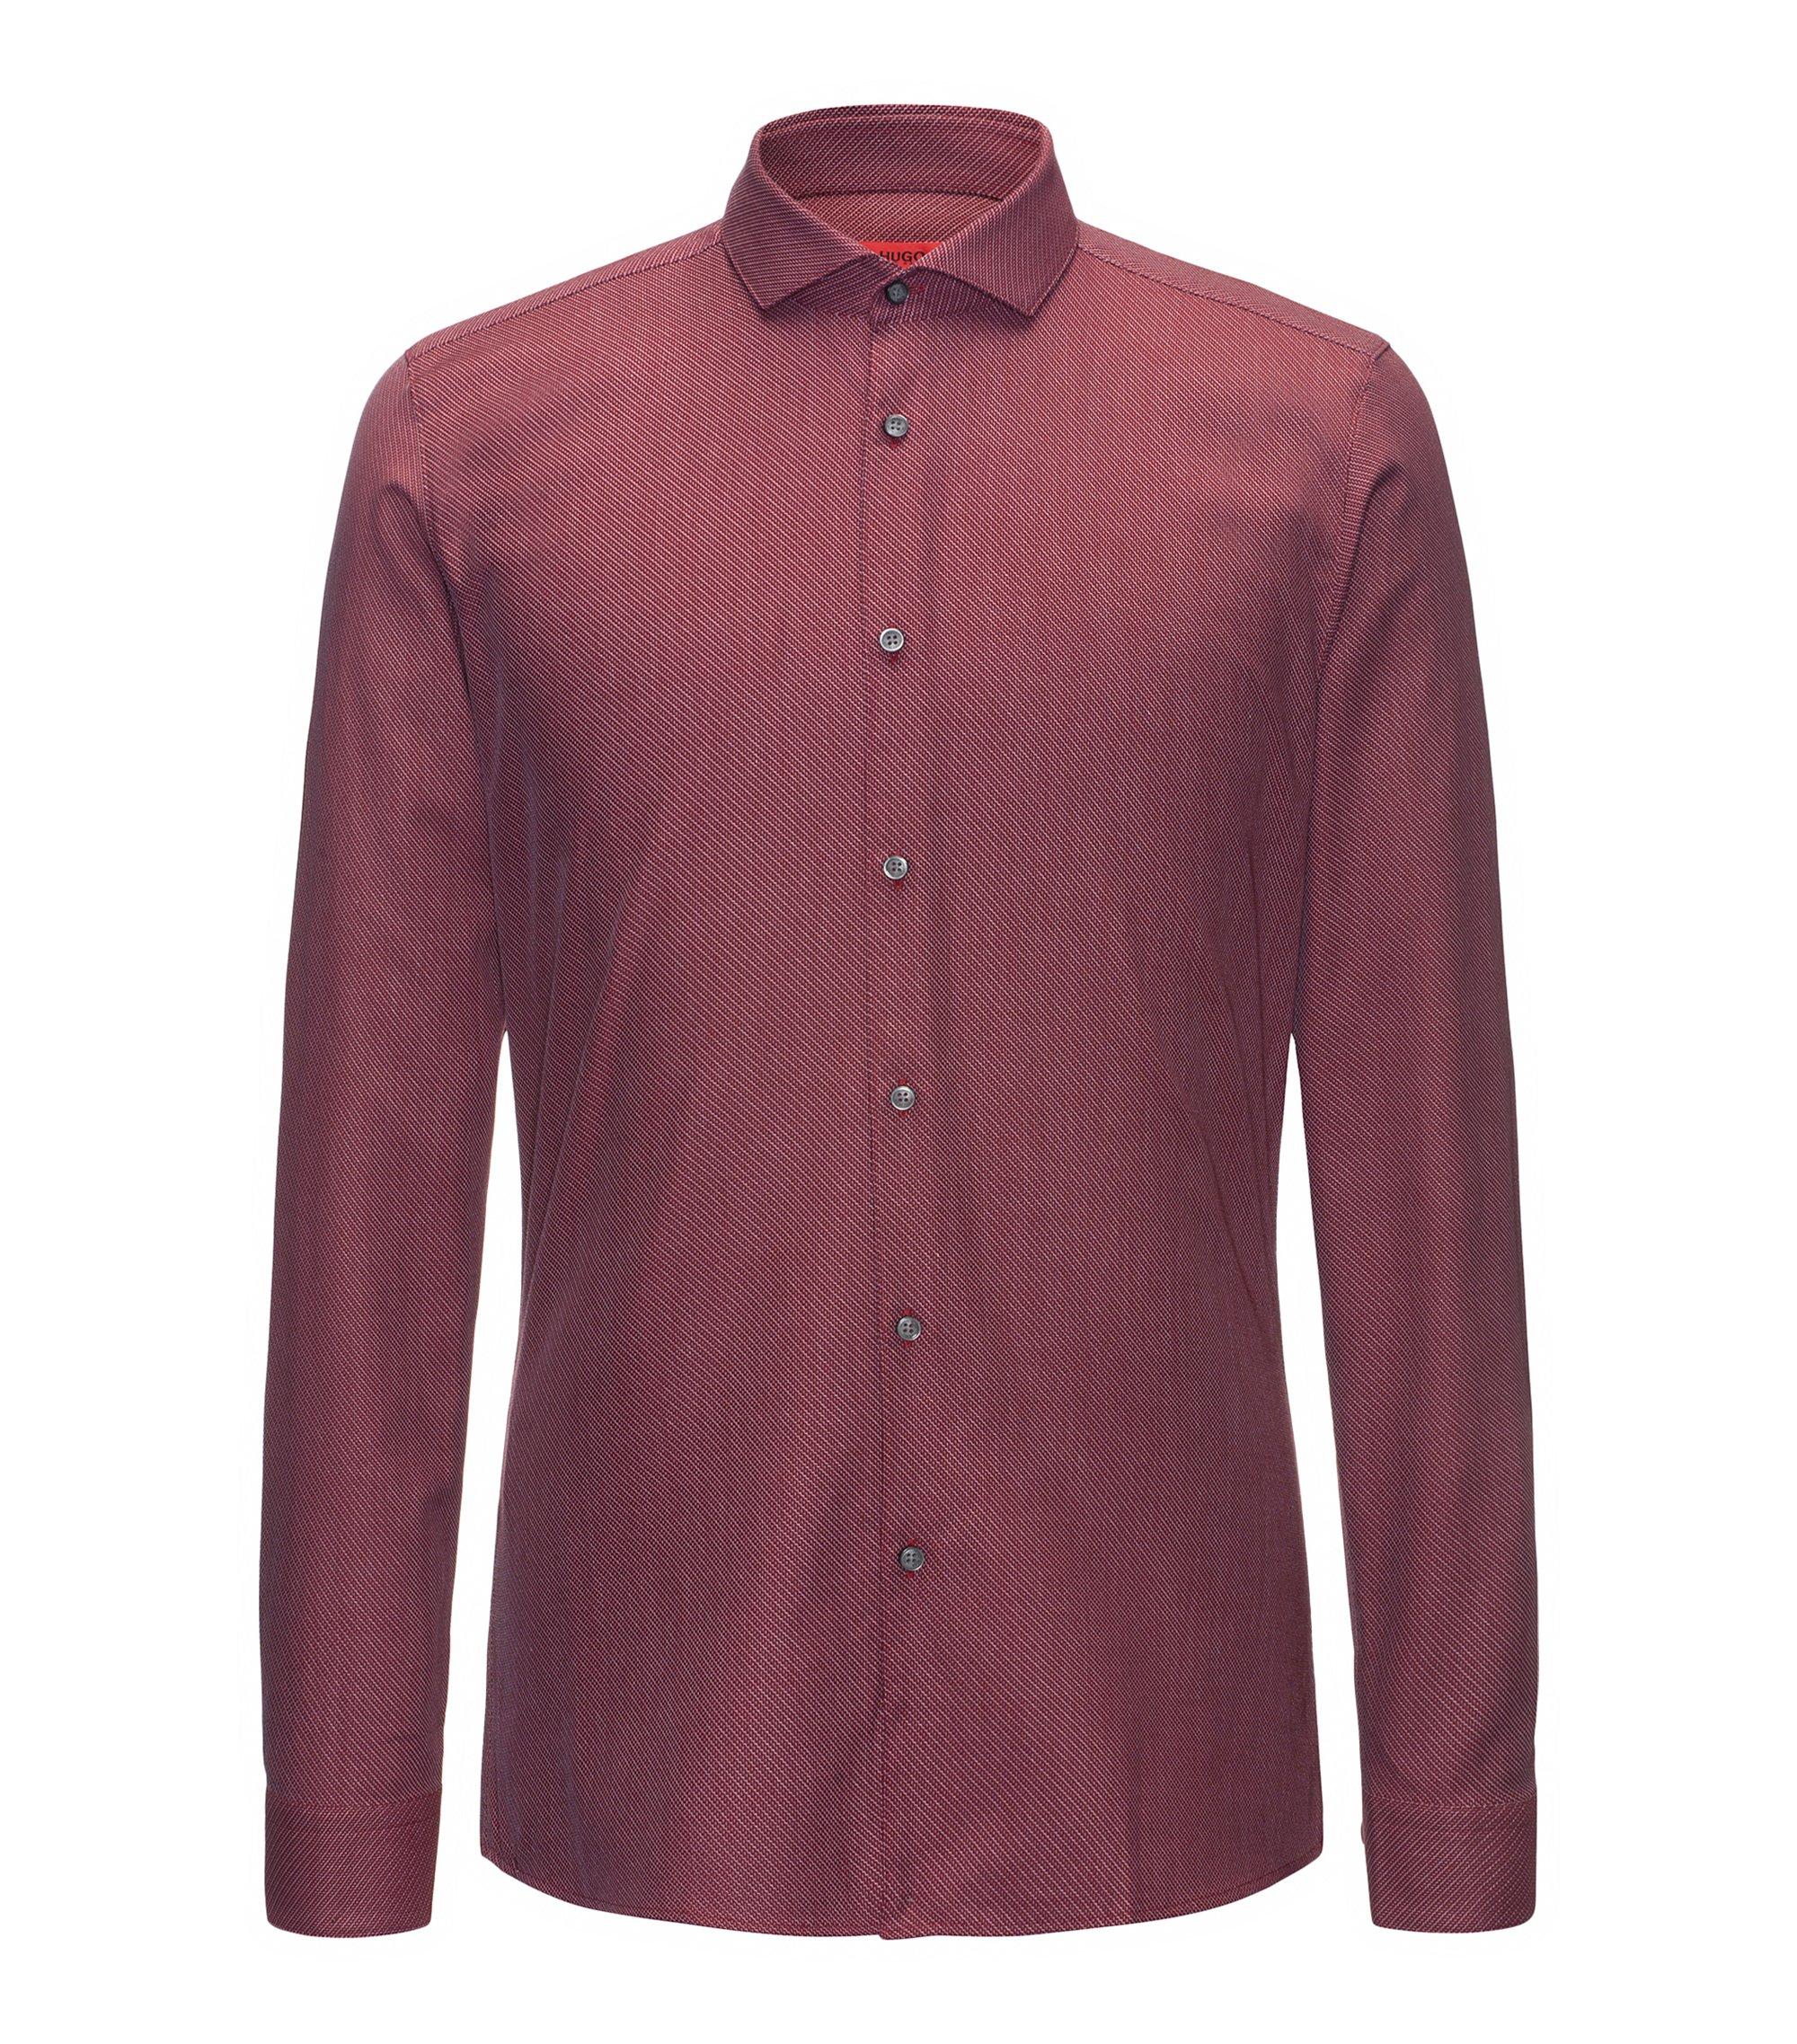 Extra Slim-Fit Hemd aus Baumwolle mit diagonalem Streifen-Muster, Dunkelrot